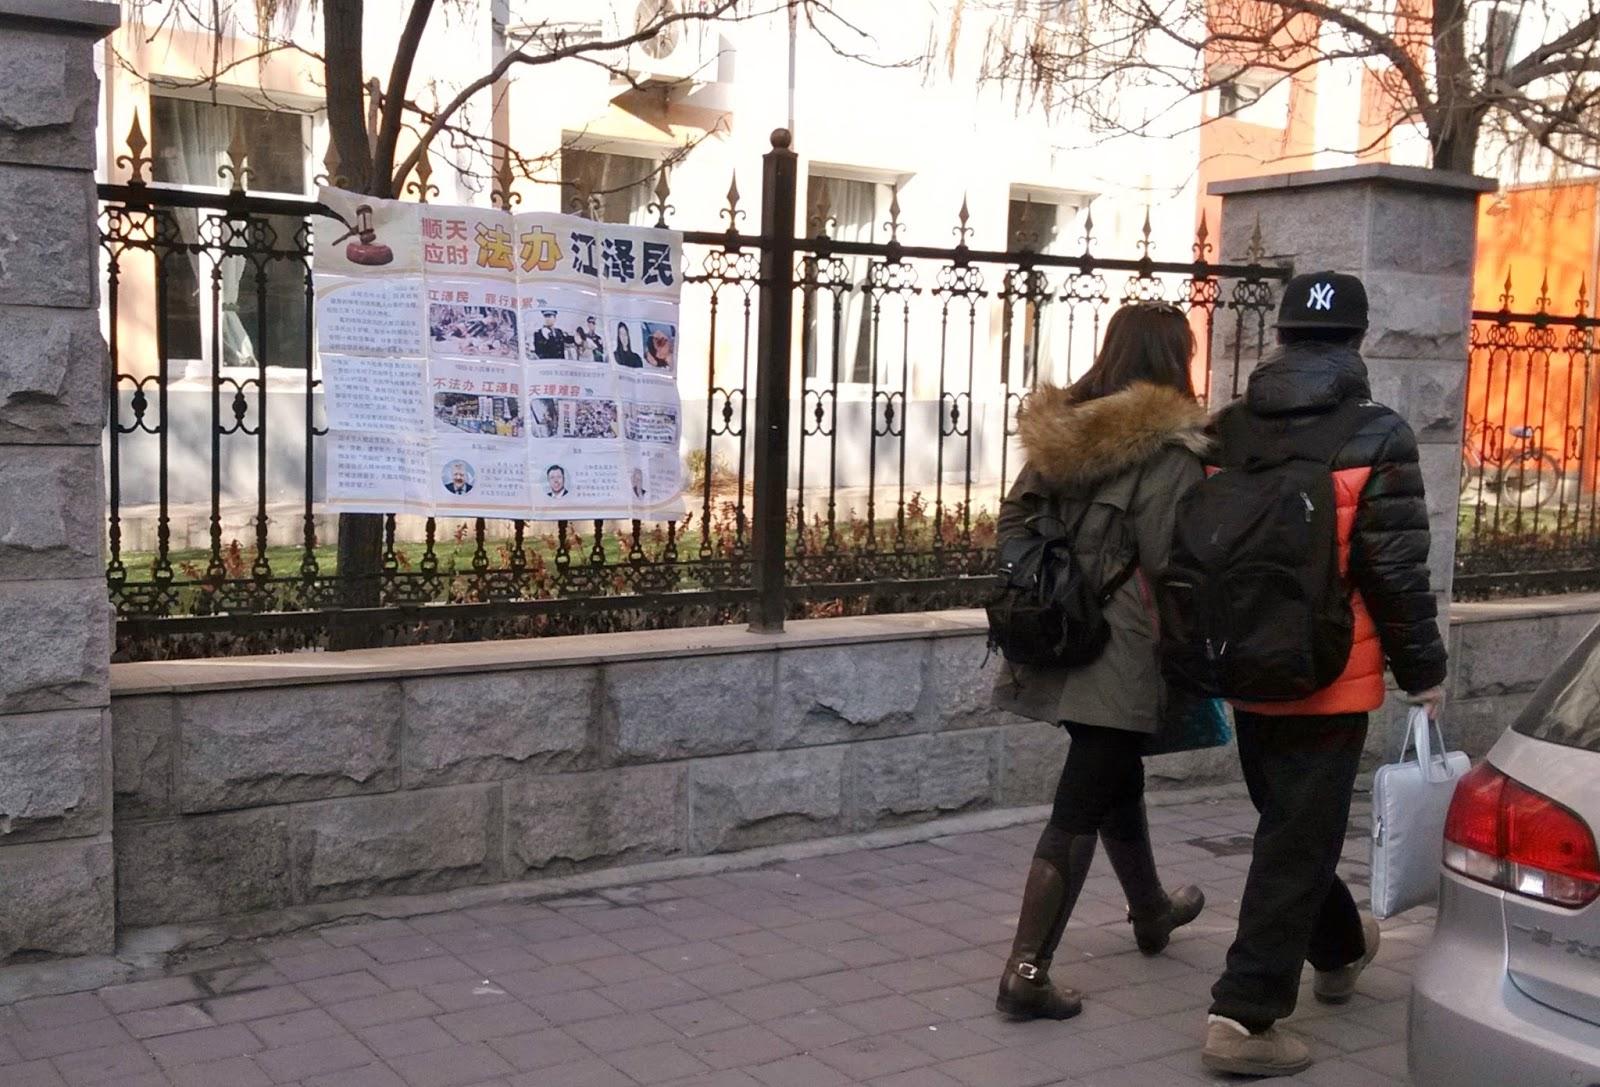 2015-11-28-minghui-changchun-sujiang-posters-02.jpg